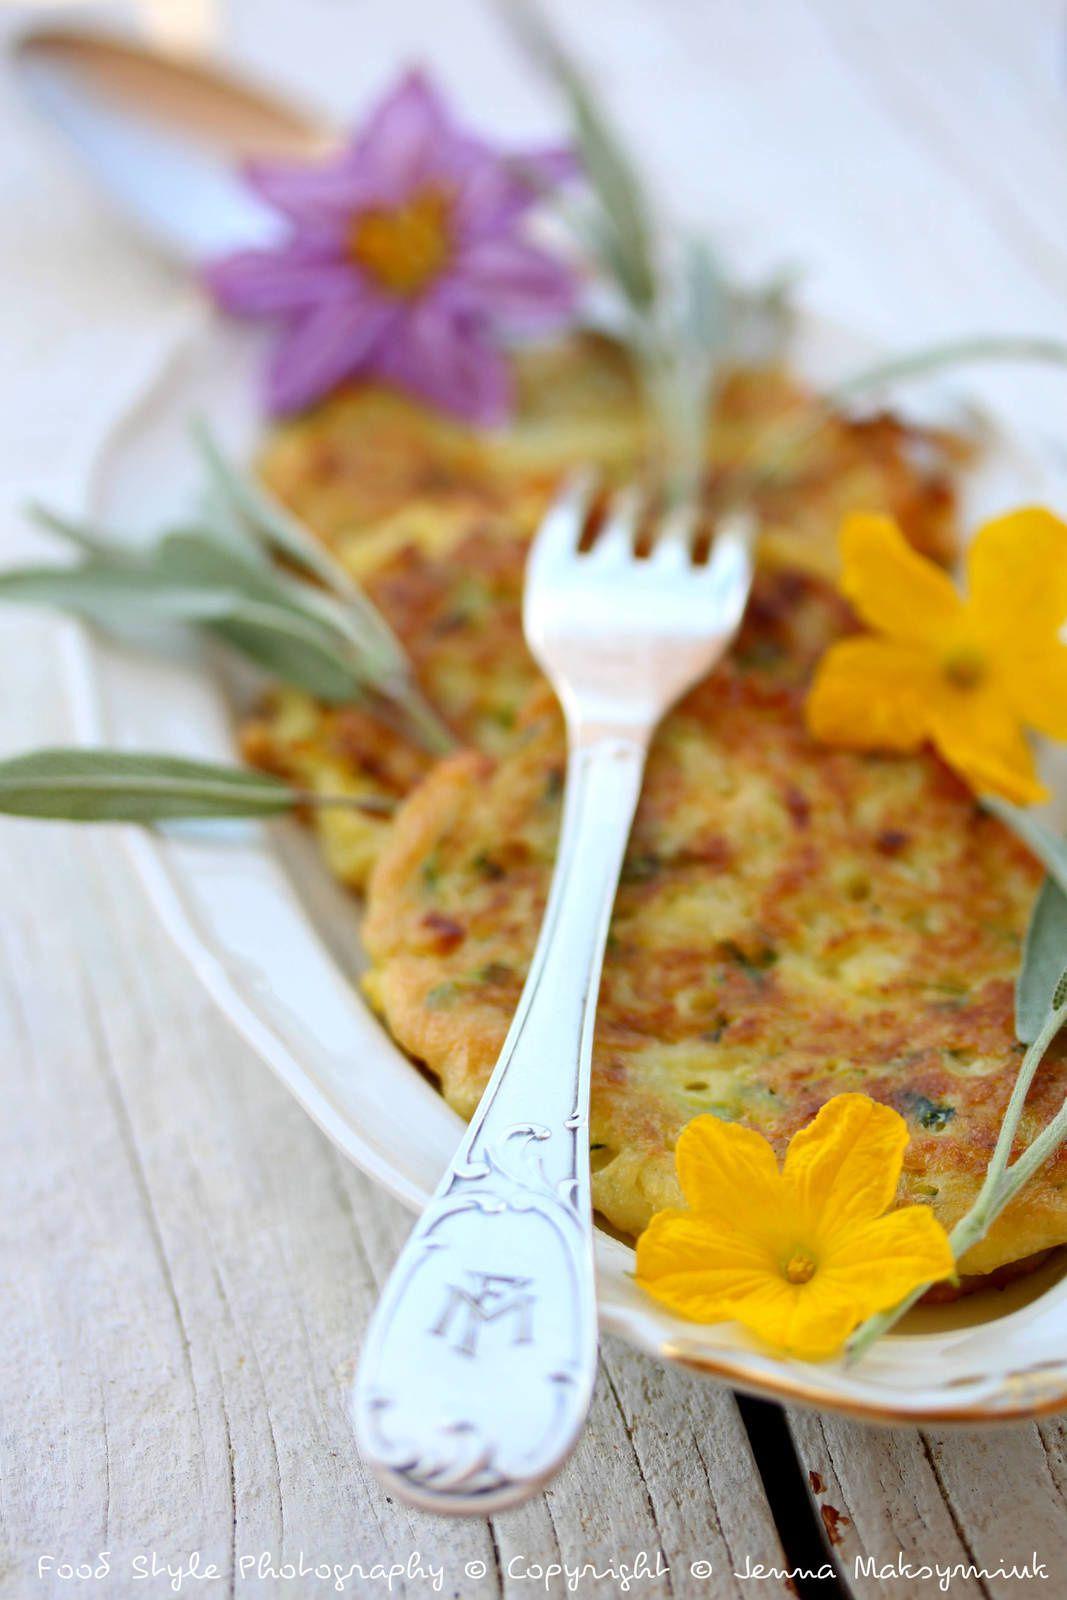 Galettes de courgette, pommes de terres et sauge fraiche (sans gluten)